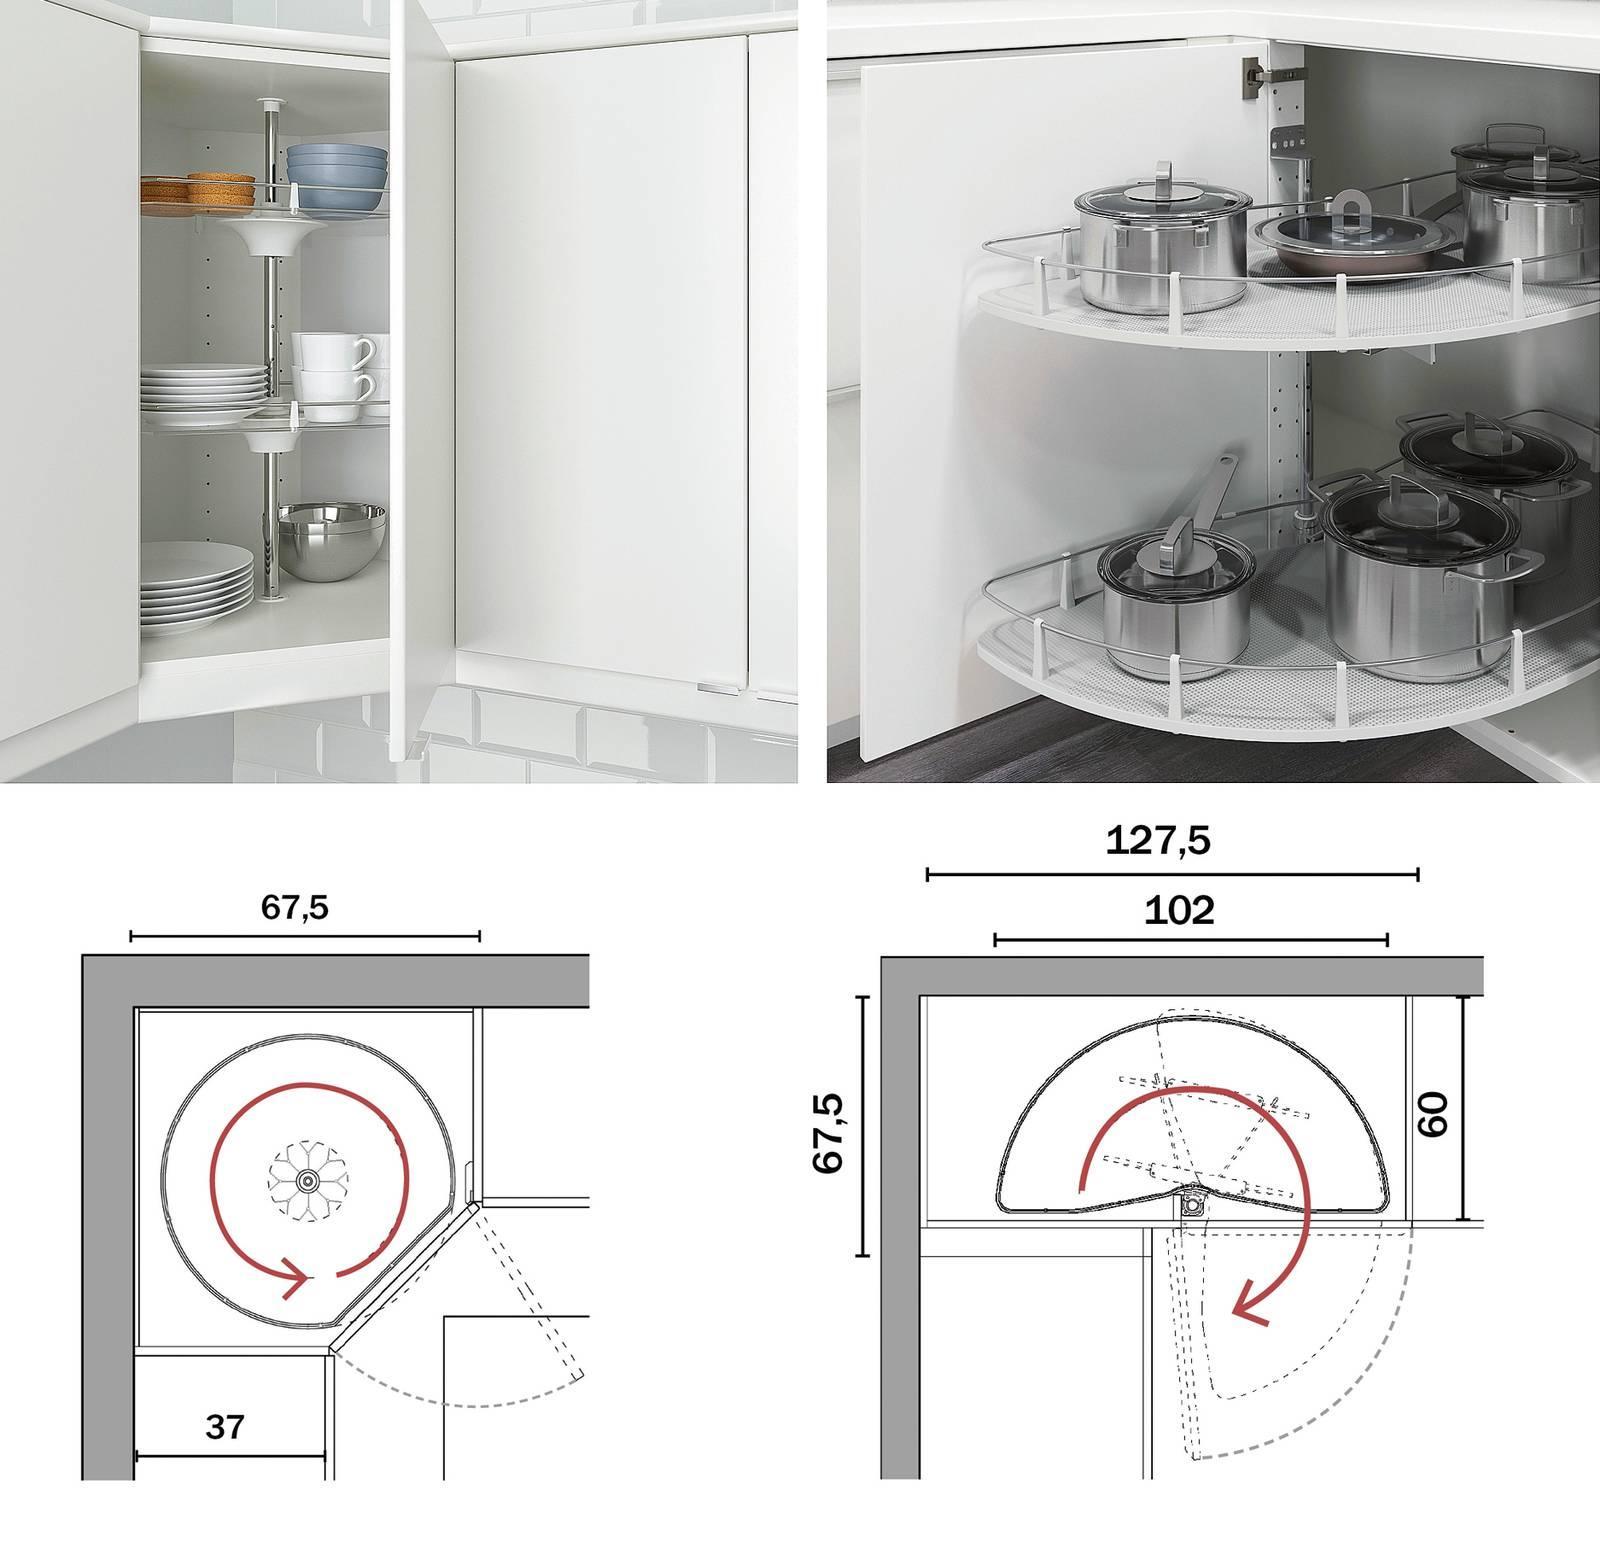 Altezza Cucina Ikea cucine ad angolo ben sfruttate - cose di casa